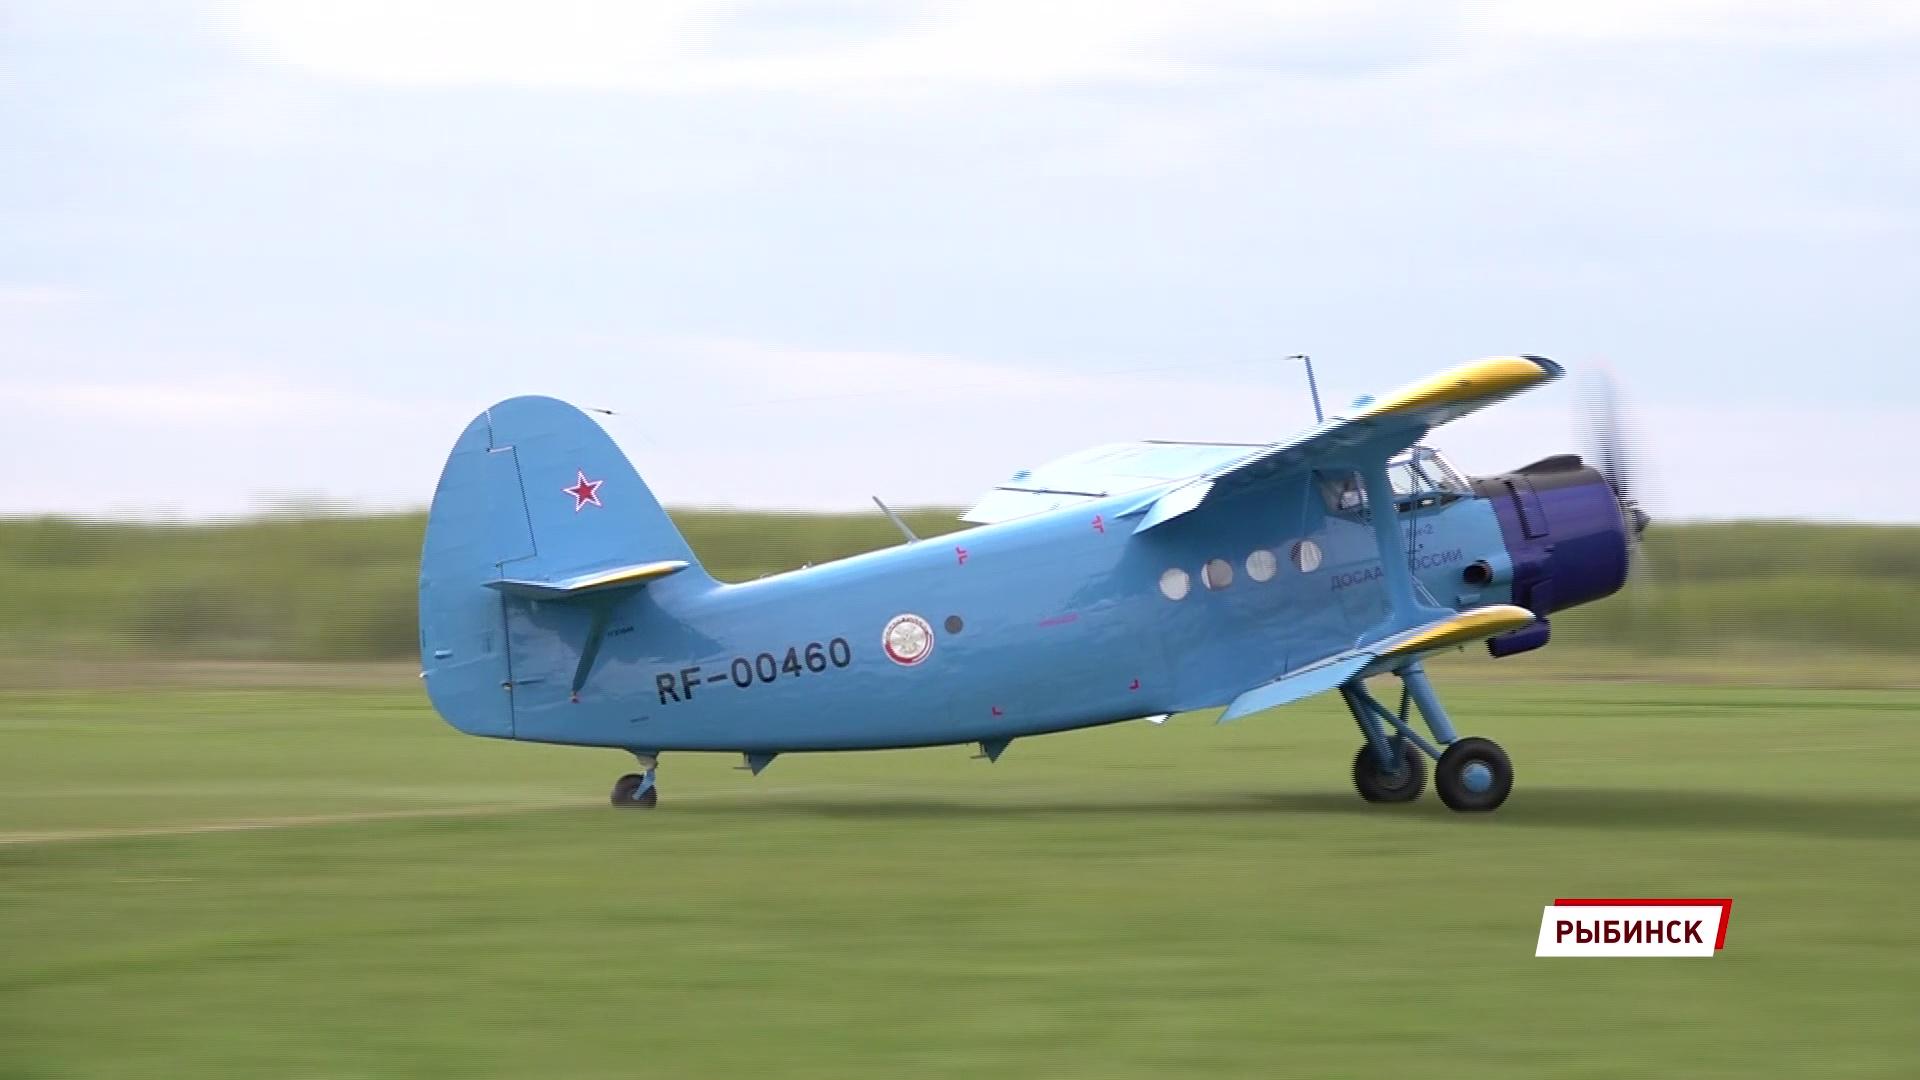 На нем в Перу приземлялся Индиана Джонс: в рыбинский аэроклуб вернулся легендарный Ан-2